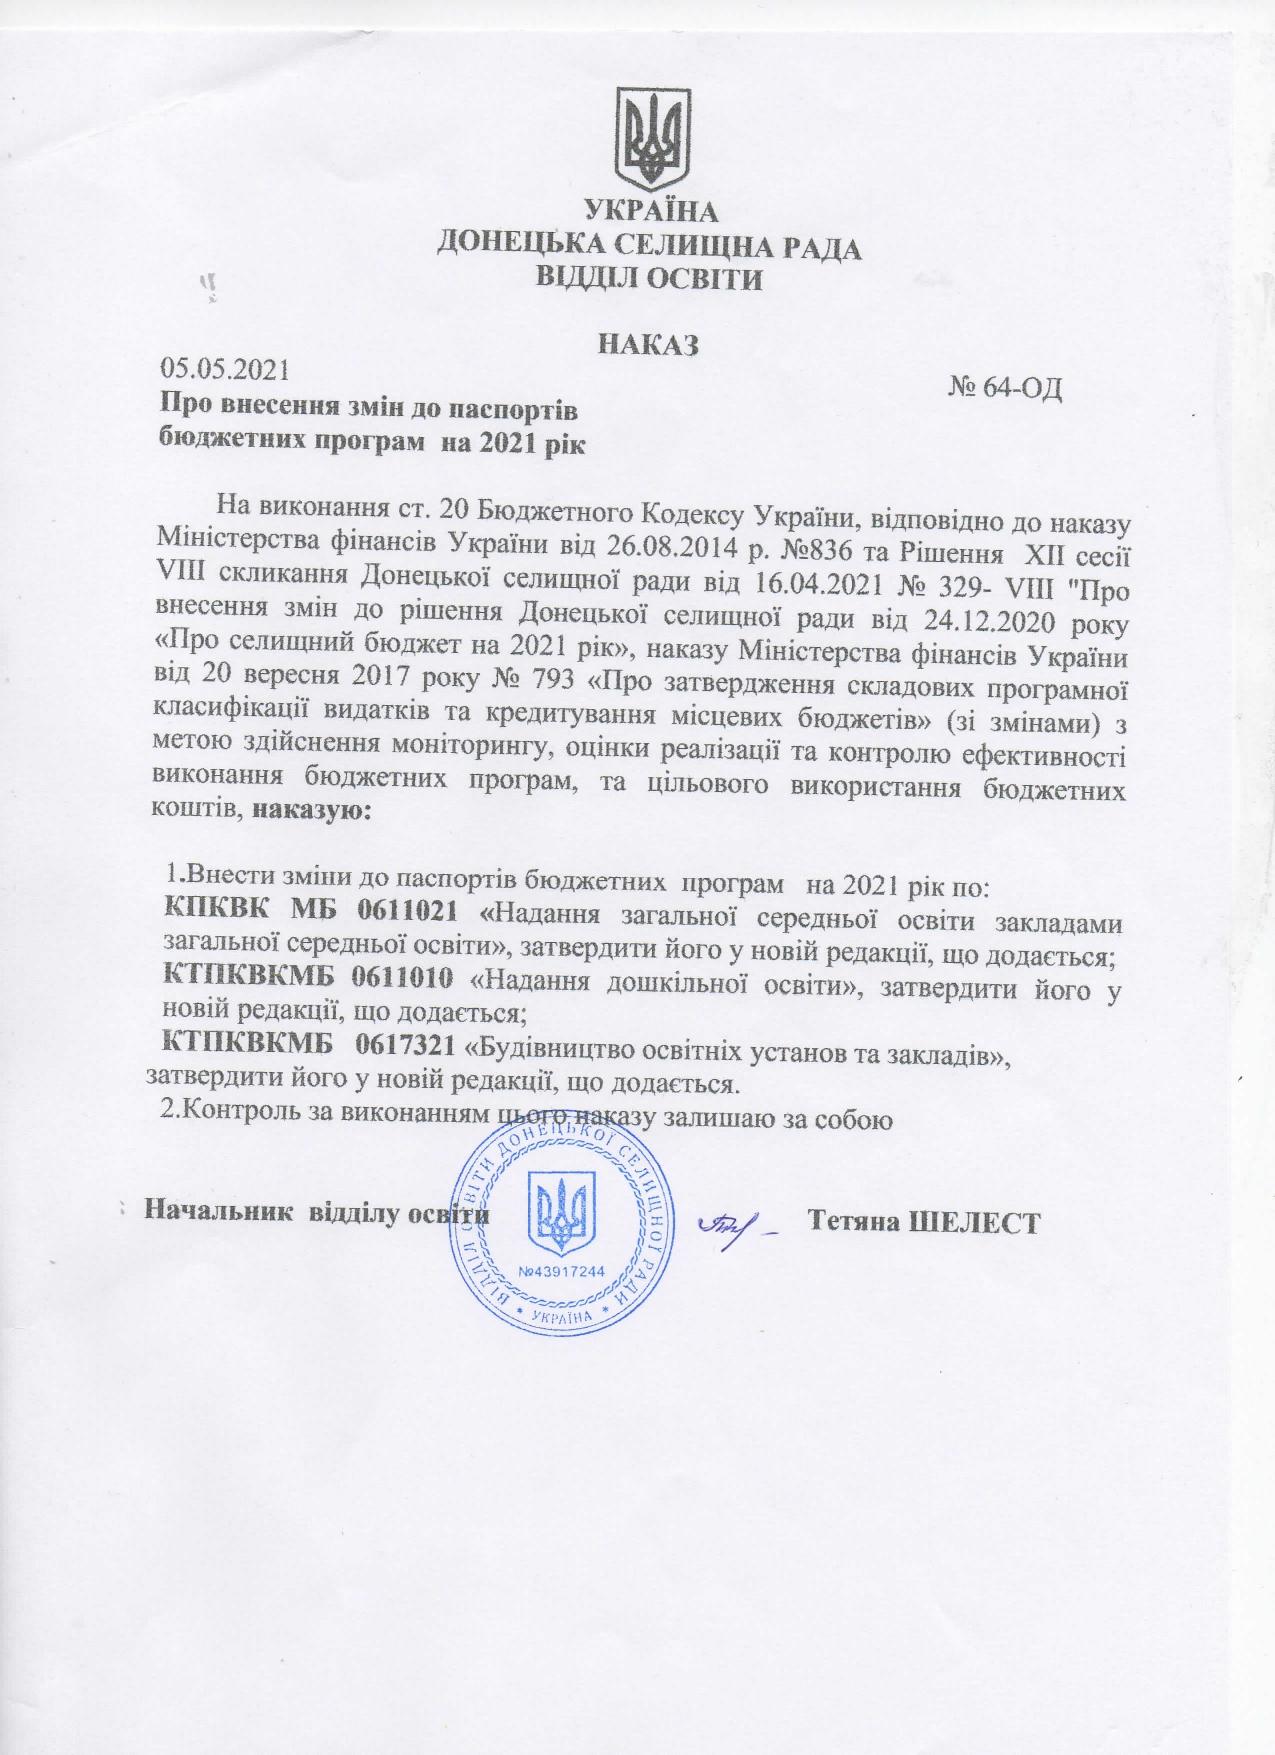 Наказ №64-ОД Про внесення змін до паспортів бюджетних програм на 2021 рік та ПАСПОРТИ бюджетних програм